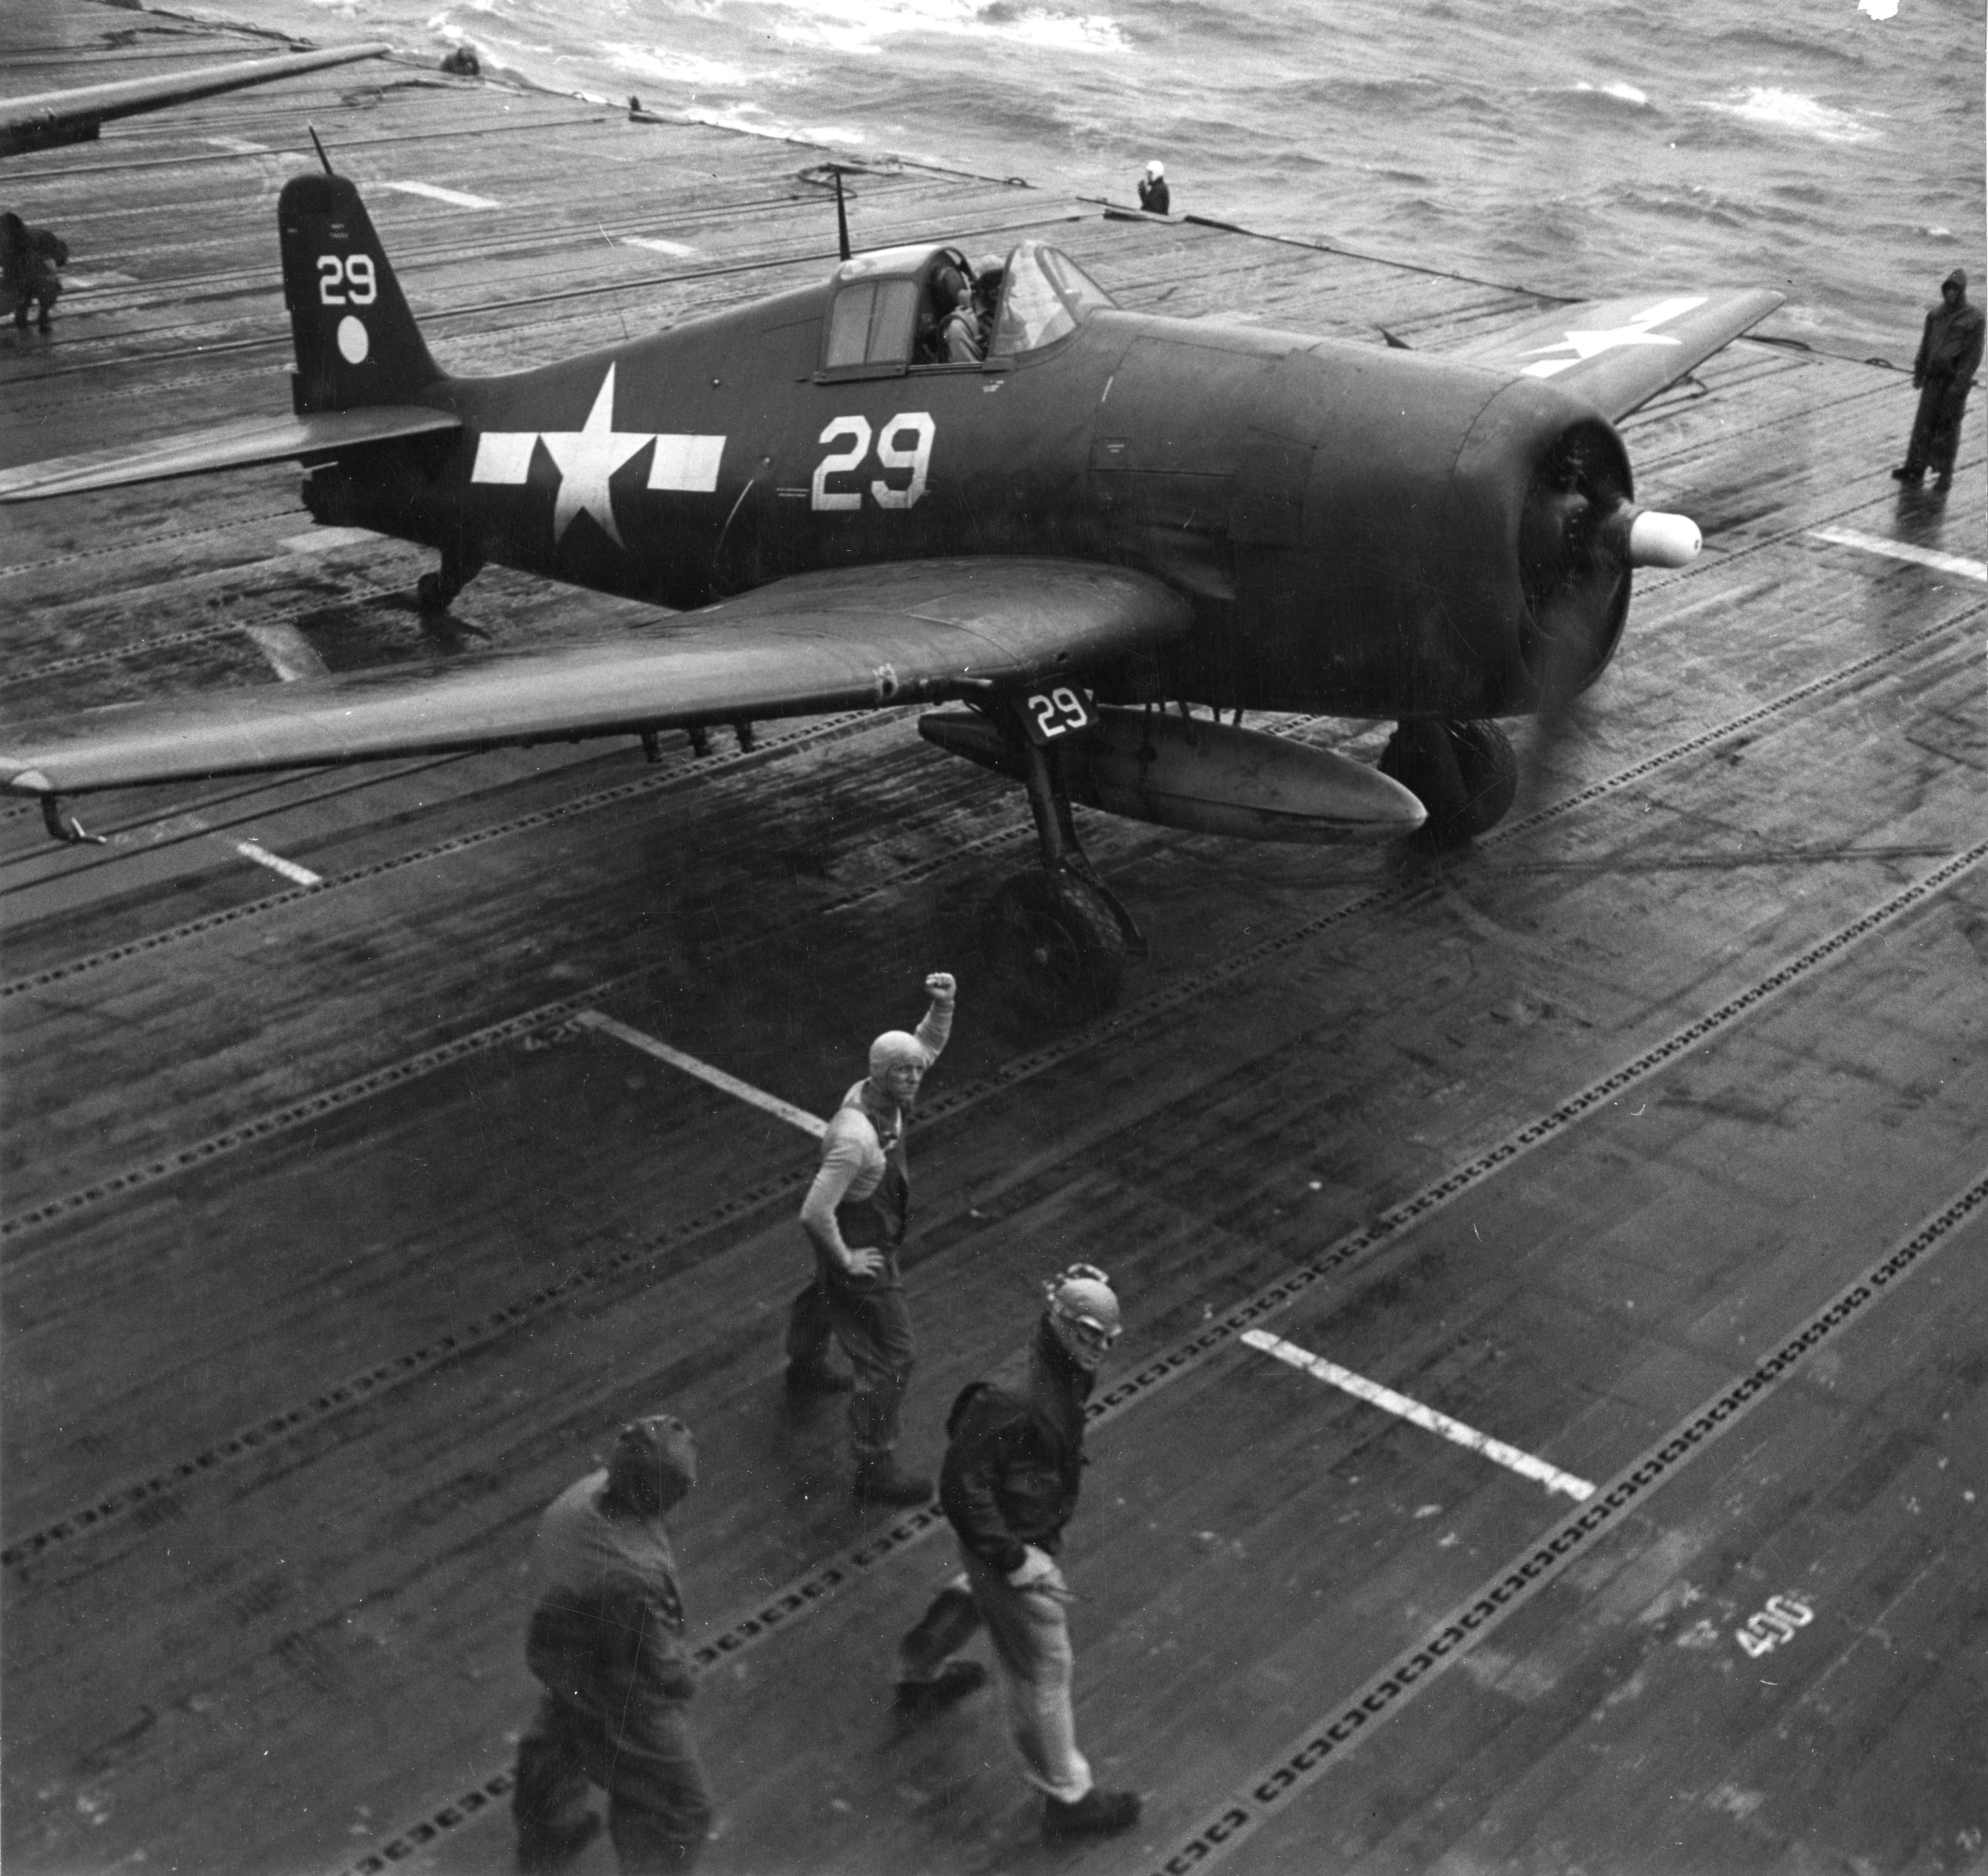 Grumman F6F 5 Hellcat VF 11 Sundowners Ginger White 29 CV 12 USS Hornet 1945 01